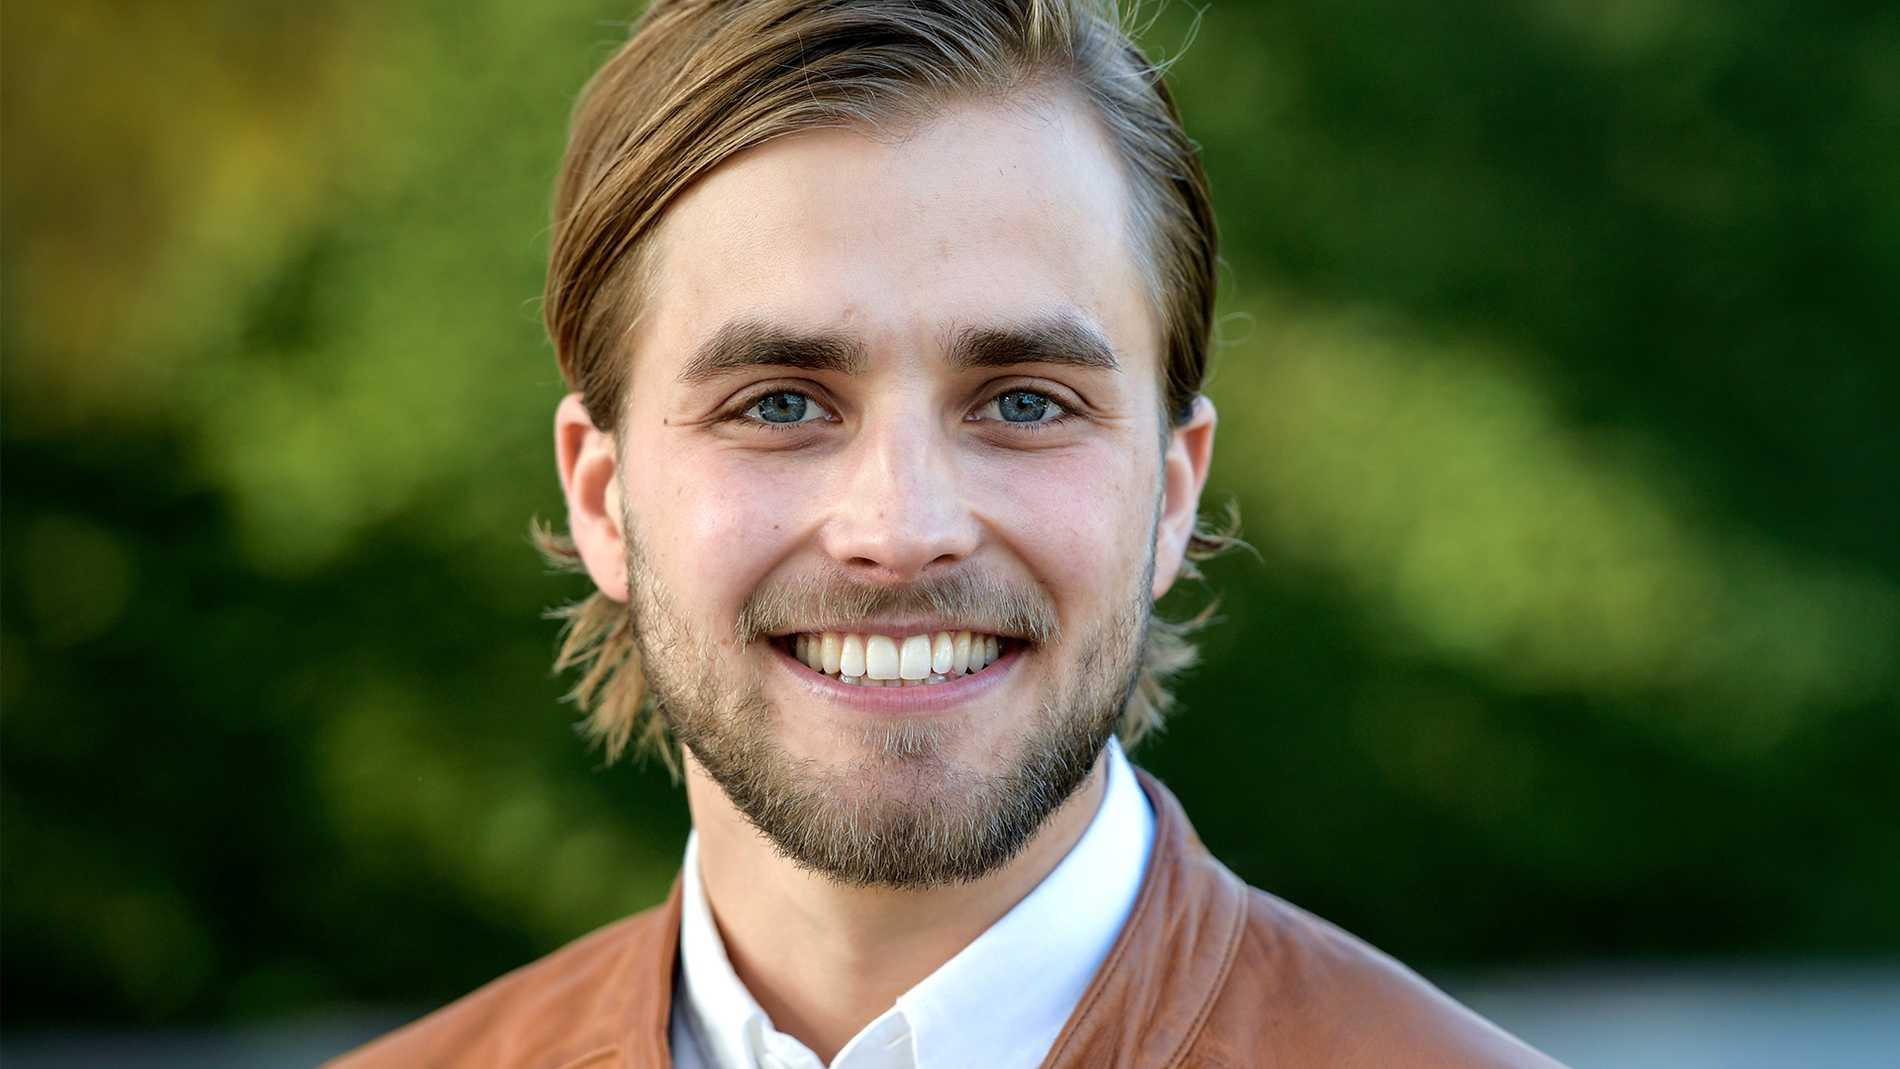 """Håkans """"farbror"""", Joacim Rickling, som var med i Bonde söker fru 2017."""